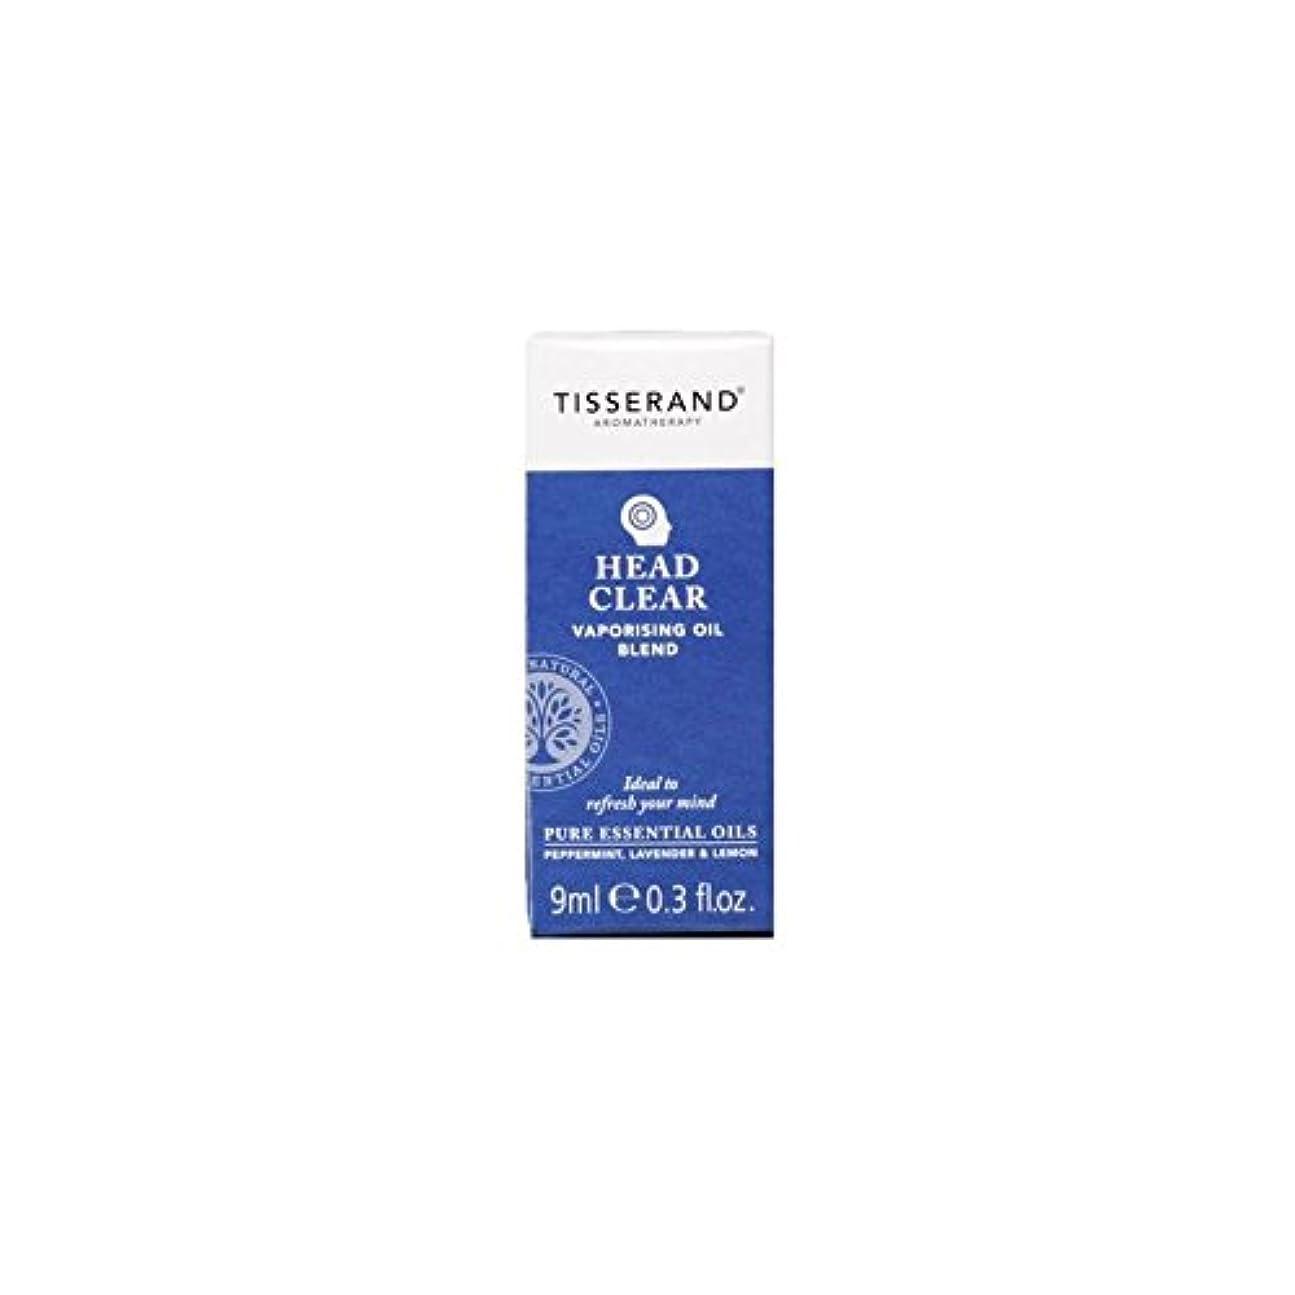 束ねるごめんなさいレシピヘッド明確な気化油の9ミリリットル (Tisserand) (x 4) - Tisserand Head Clear Vaporising Oil 9ml (Pack of 4) [並行輸入品]